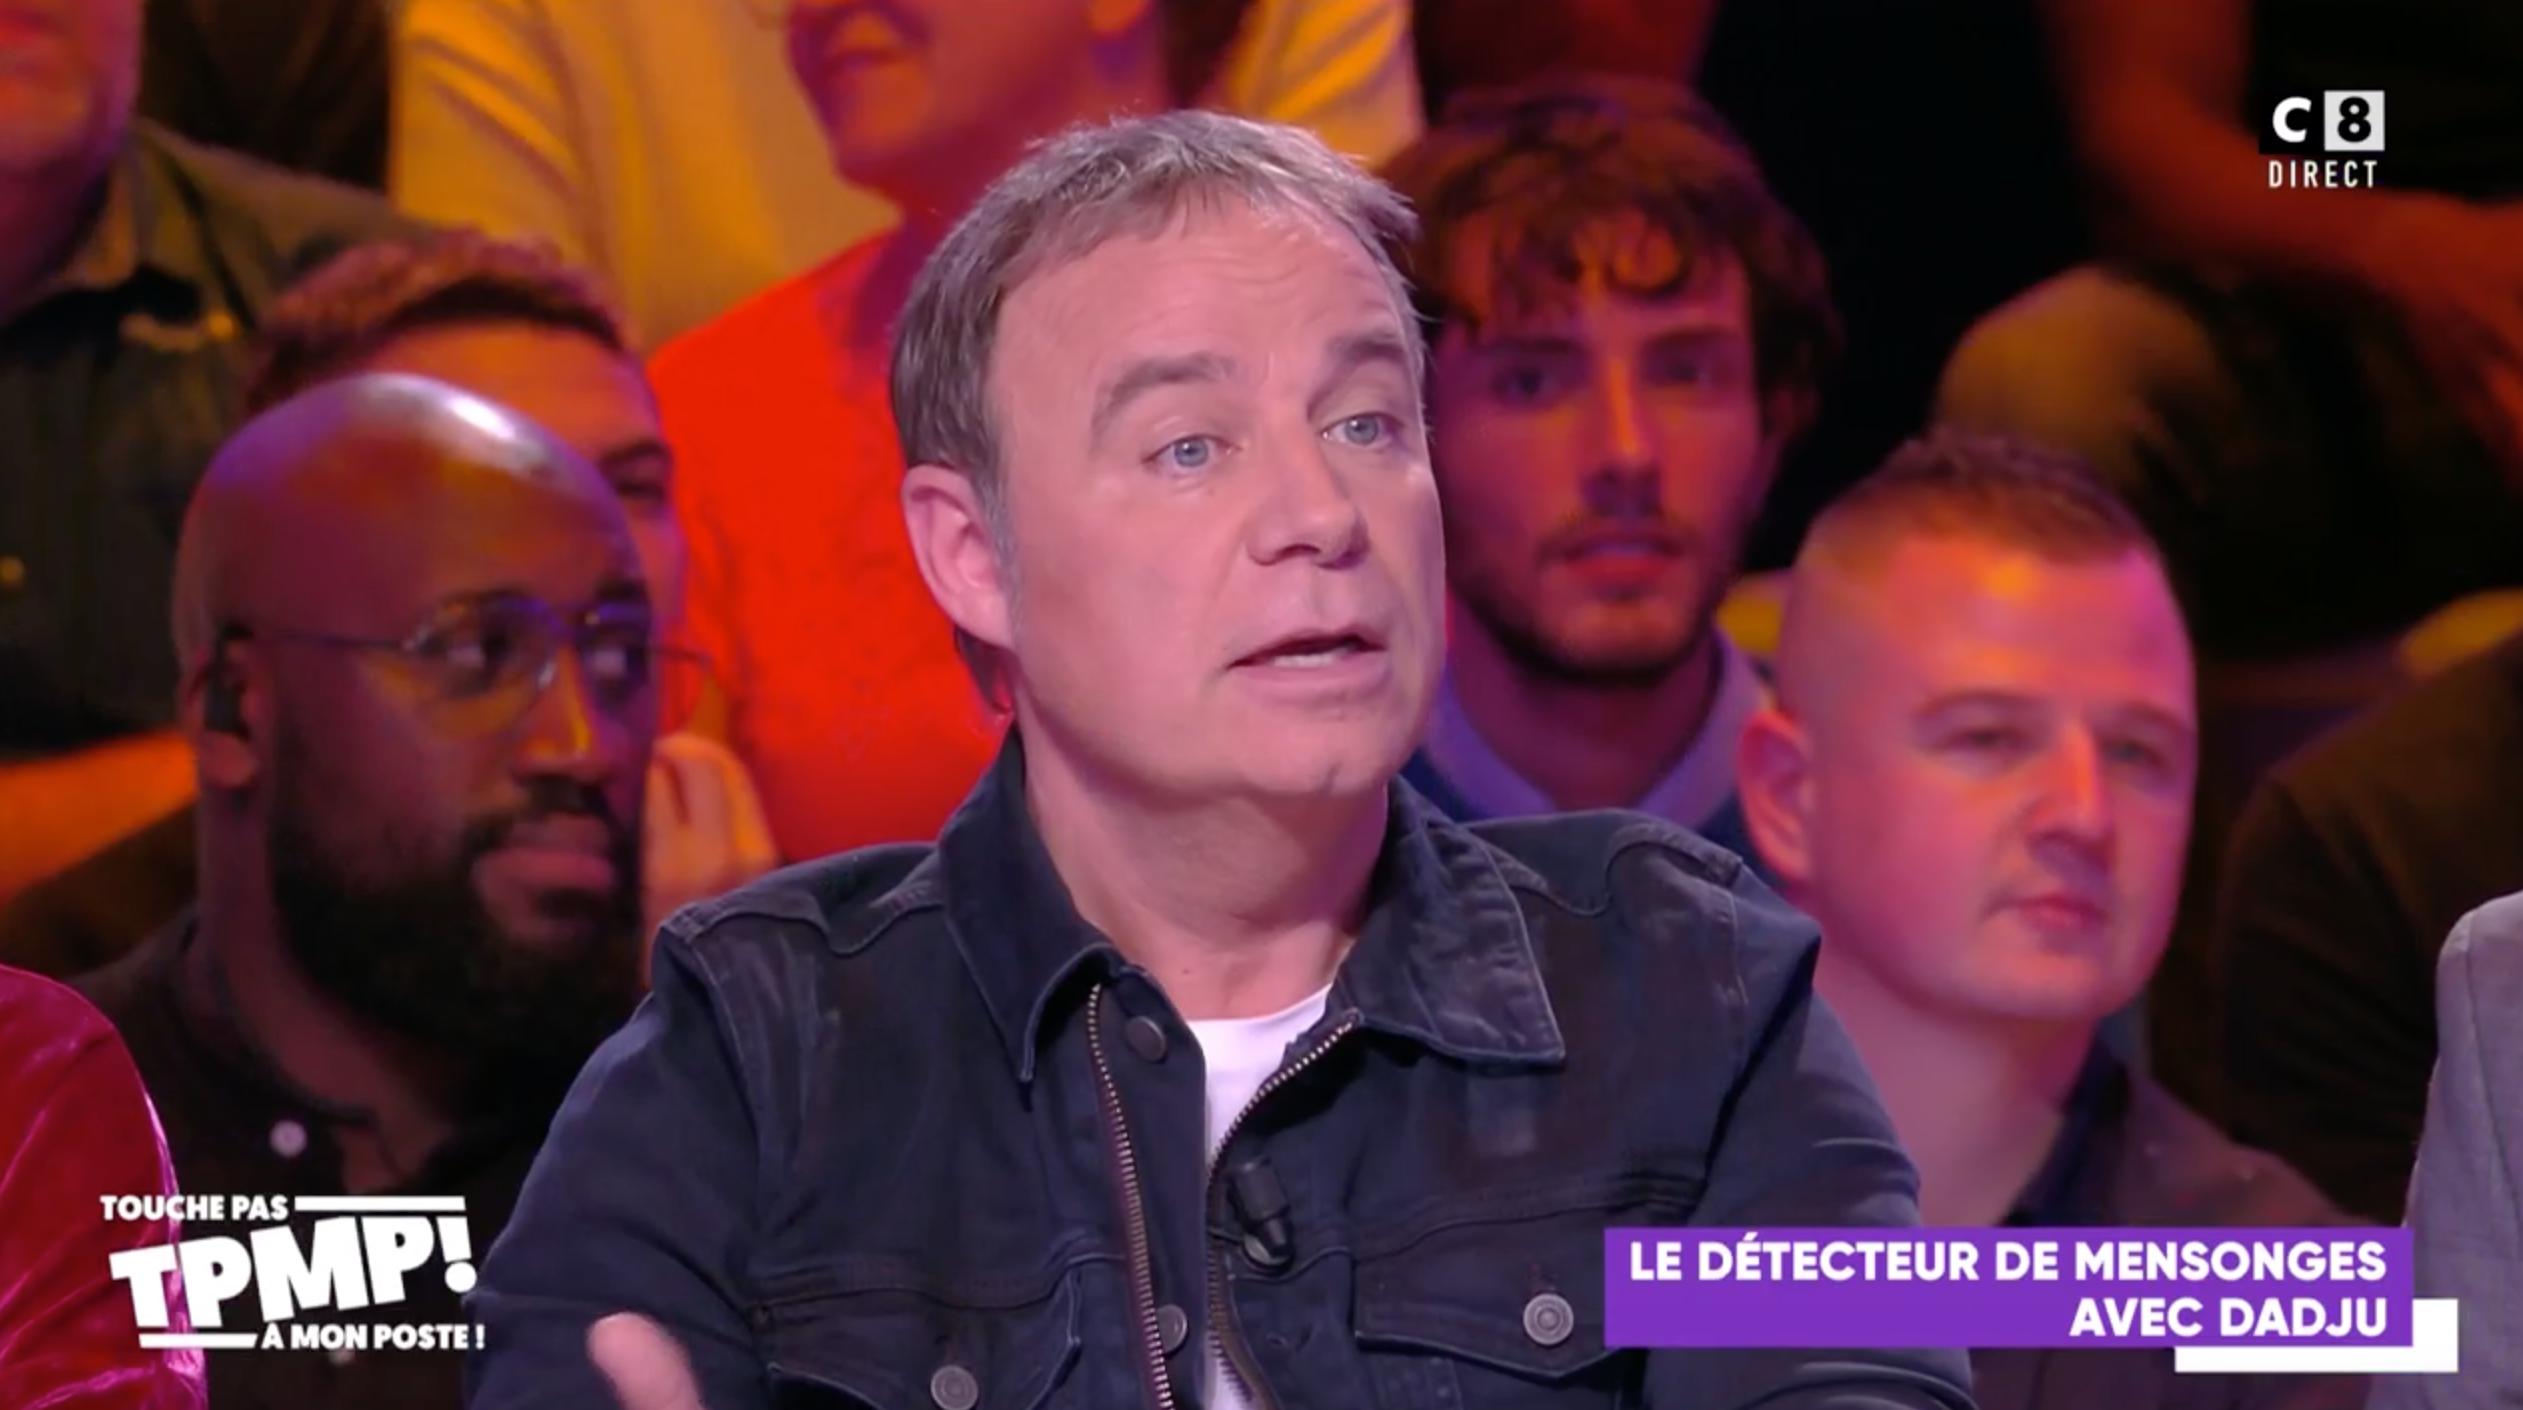 VIDEO Céline Dion : ce qu'a osé balancer René Angélil sur sa sexualité lors de l'Eurovision